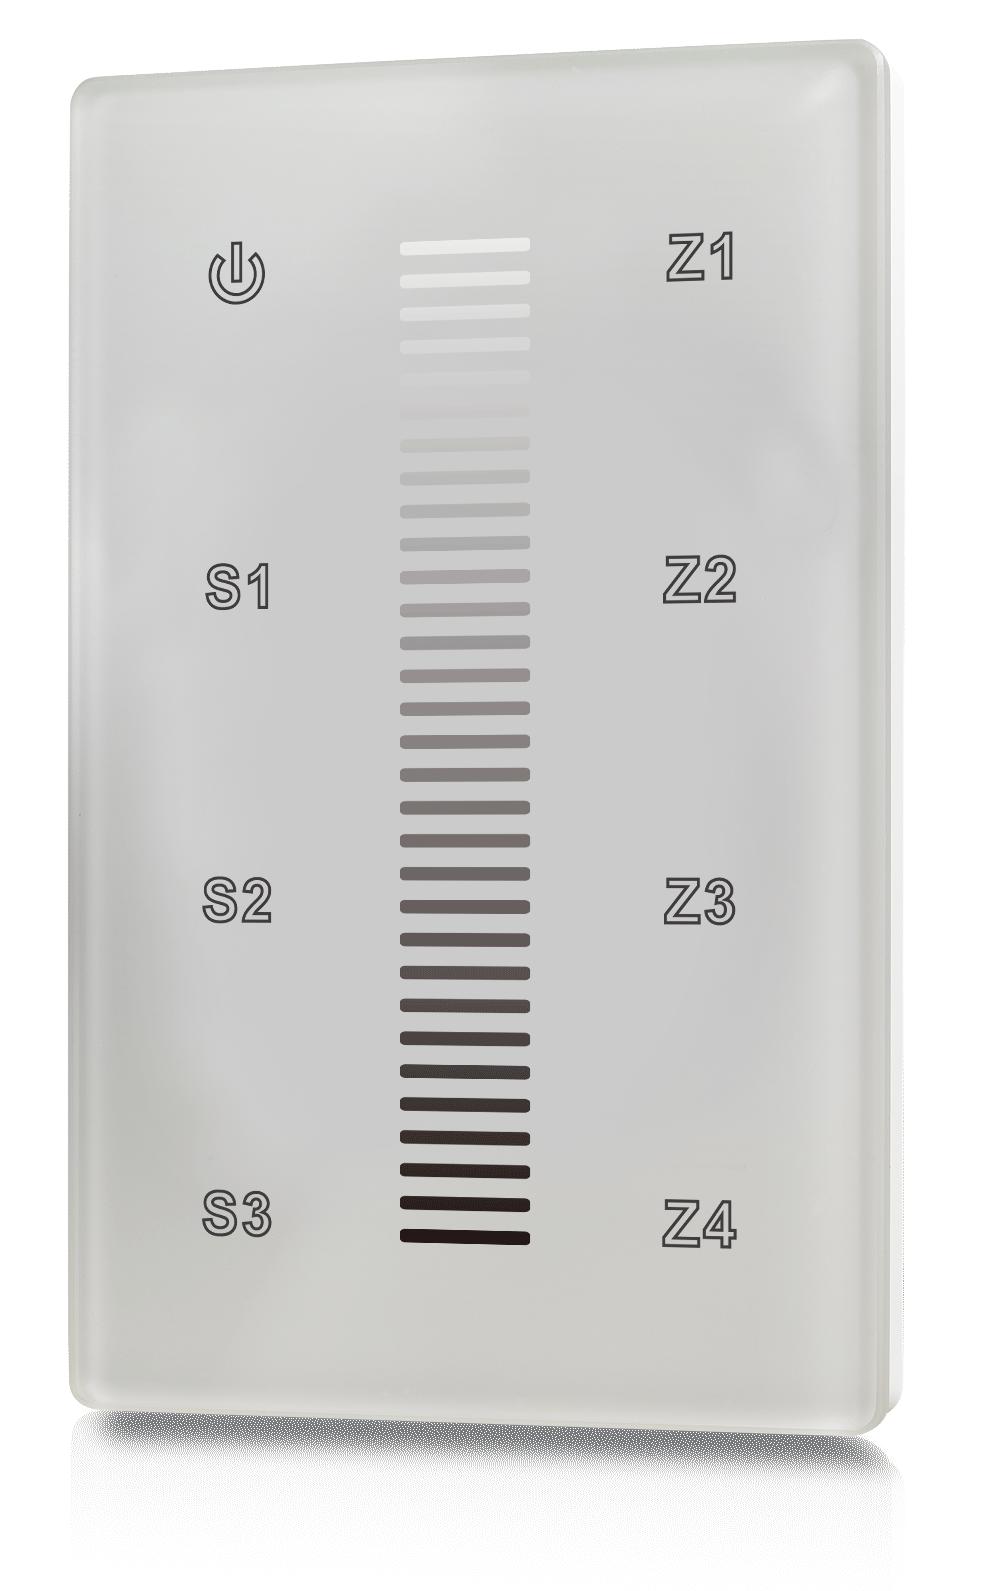 DMX Wall plate Controller